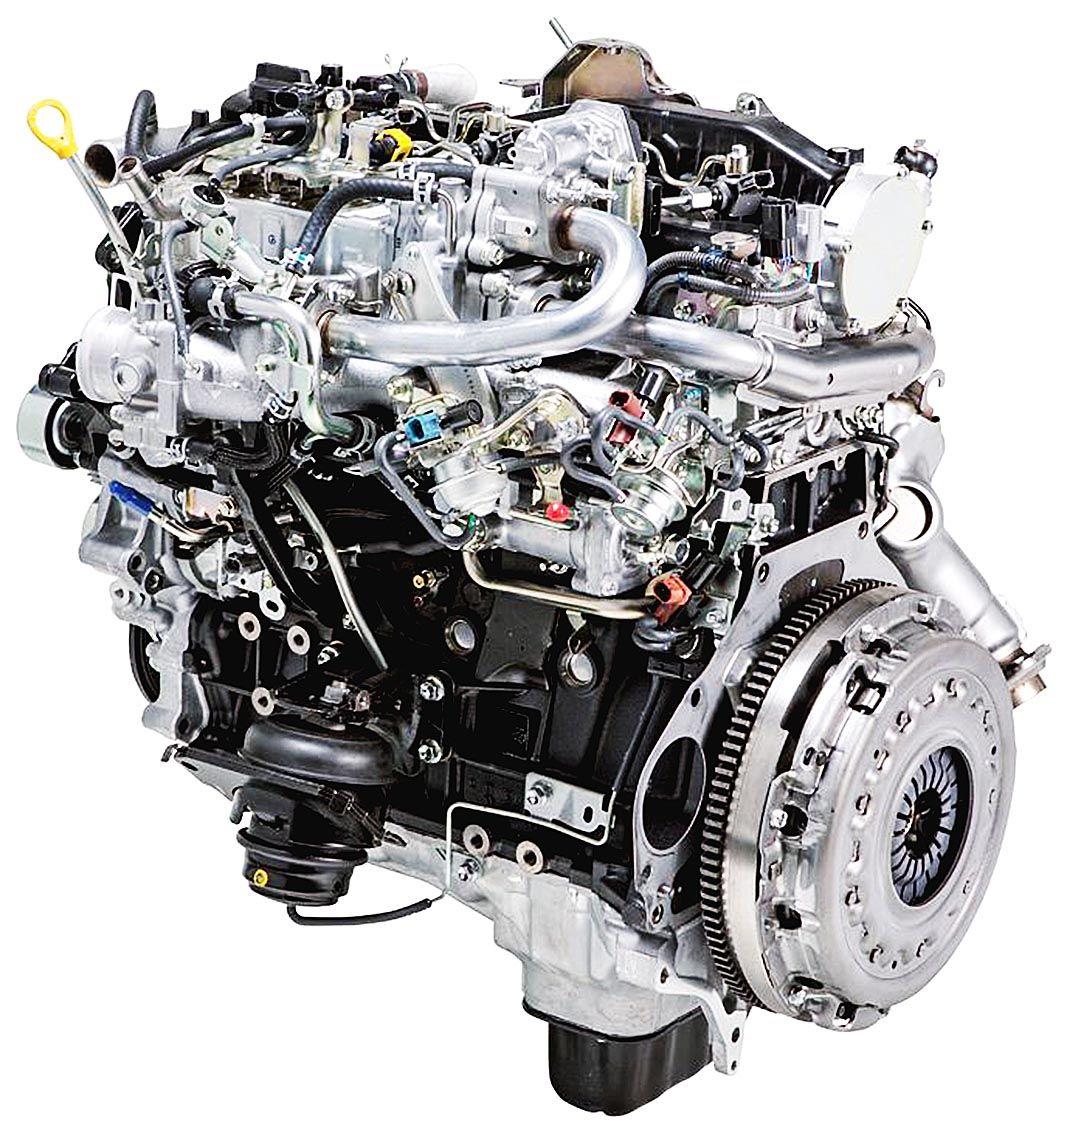 豊田自動織機、河川排水用ポンプの駆動源に「ランクルプラド」の2.8リットルディーゼルエンジンを応用